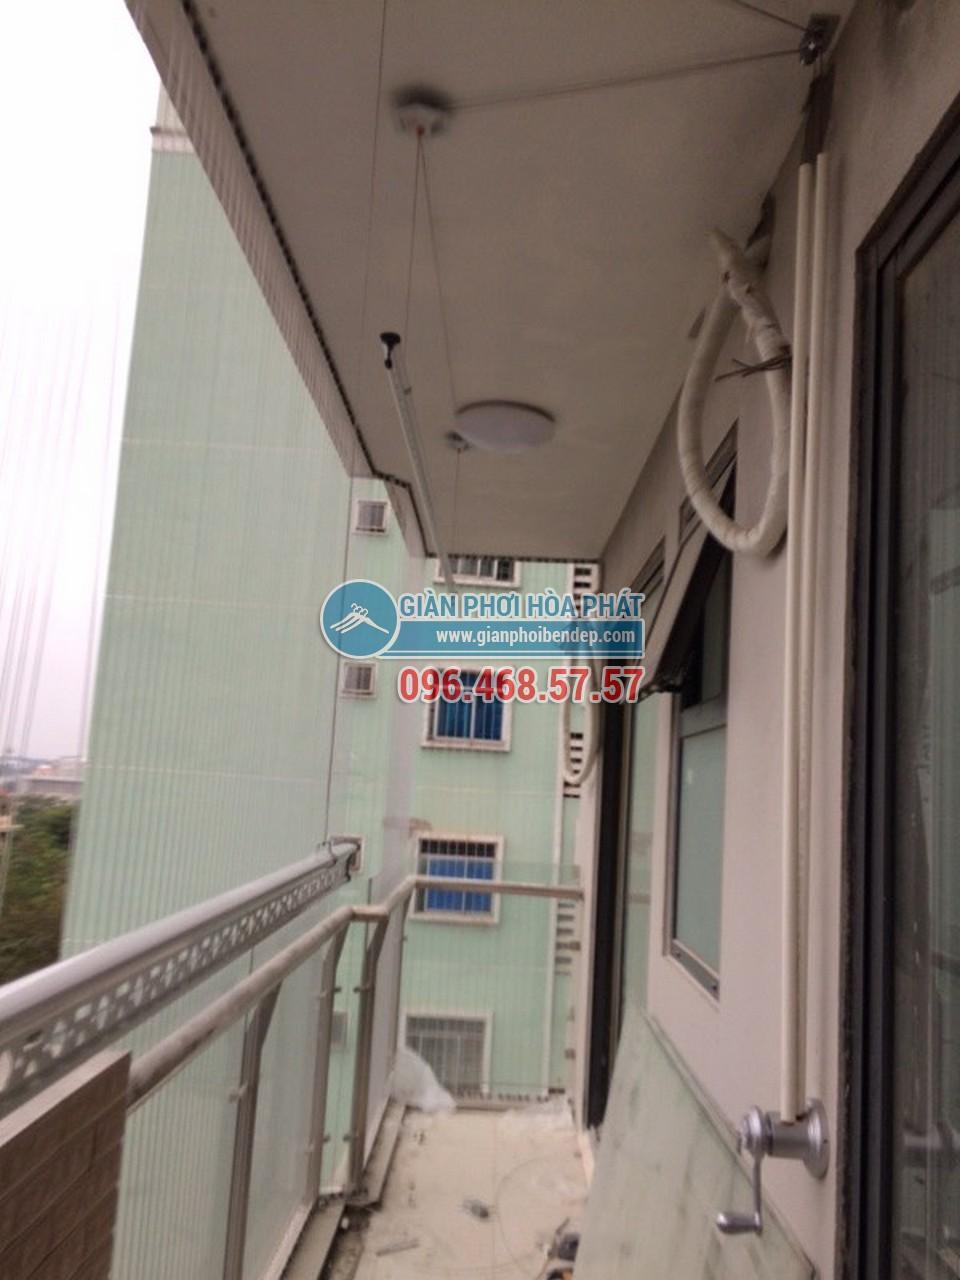 Lắp đặt giàn phơi thông minh cho ban công dài hẹp nhà anh Nam, tòa HH4 Linh Đàm - 02